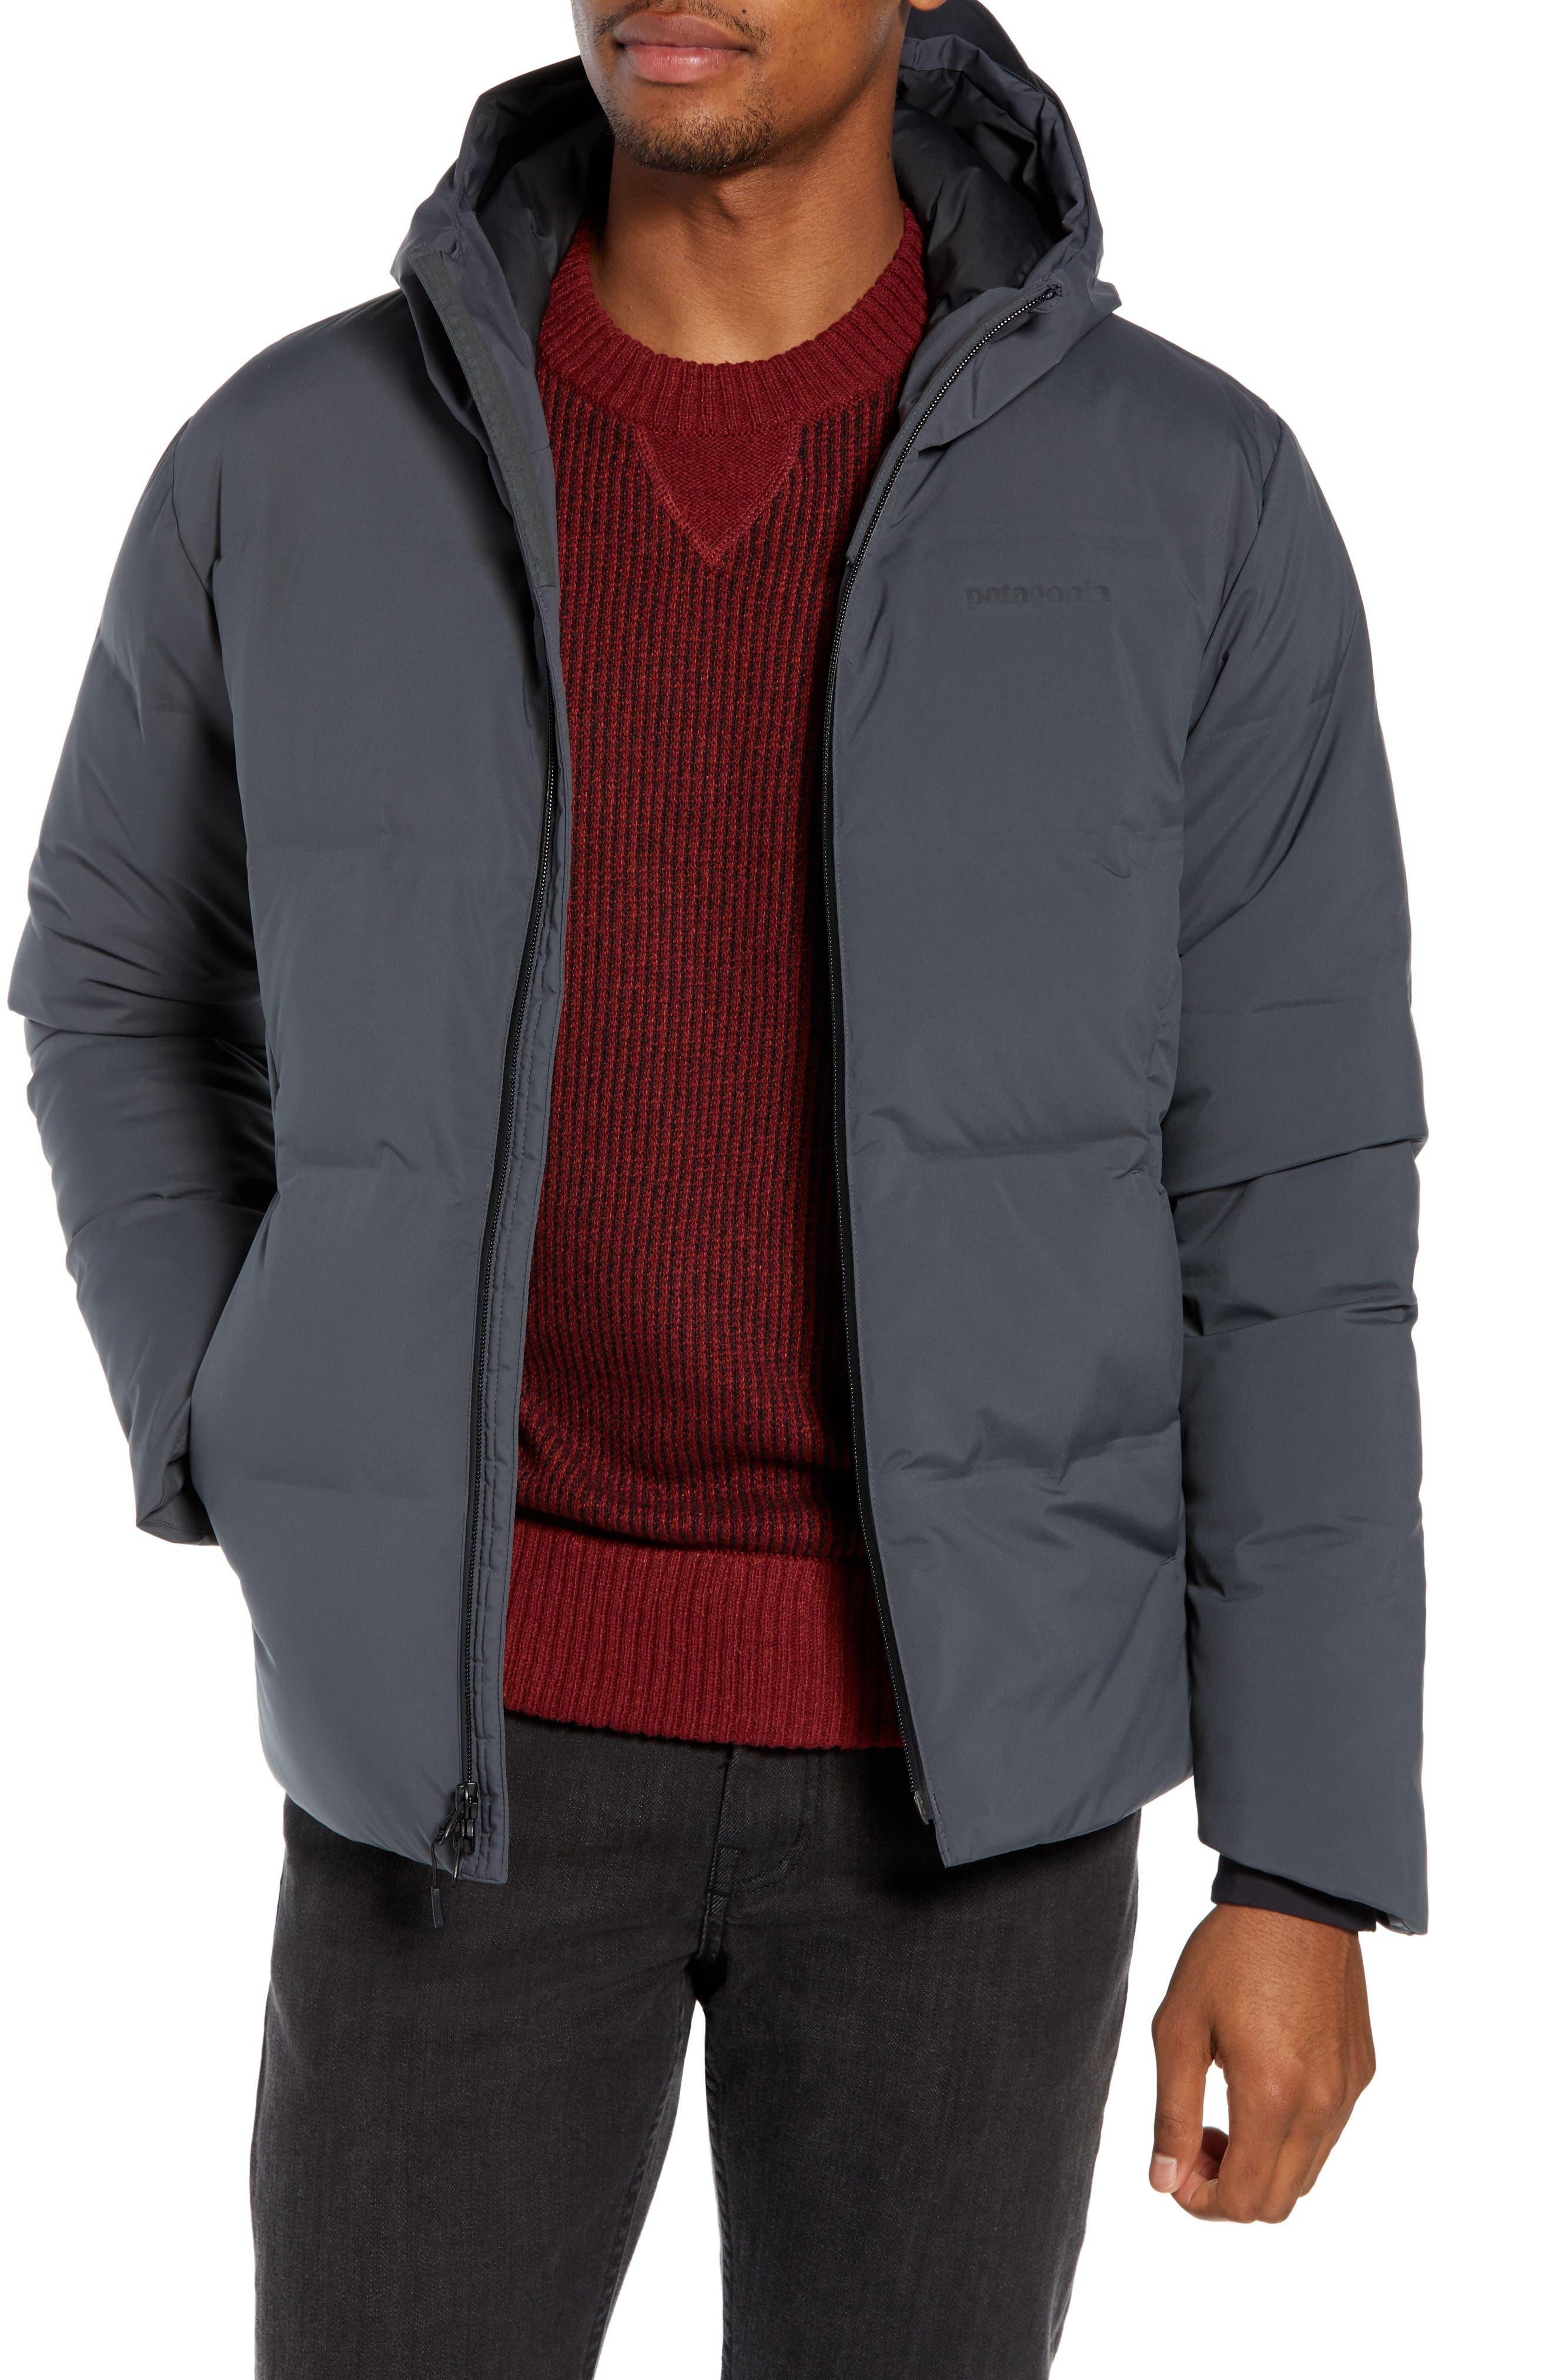 Jackson Glacier Jacket,                         Main,                         color, FORGE GREY